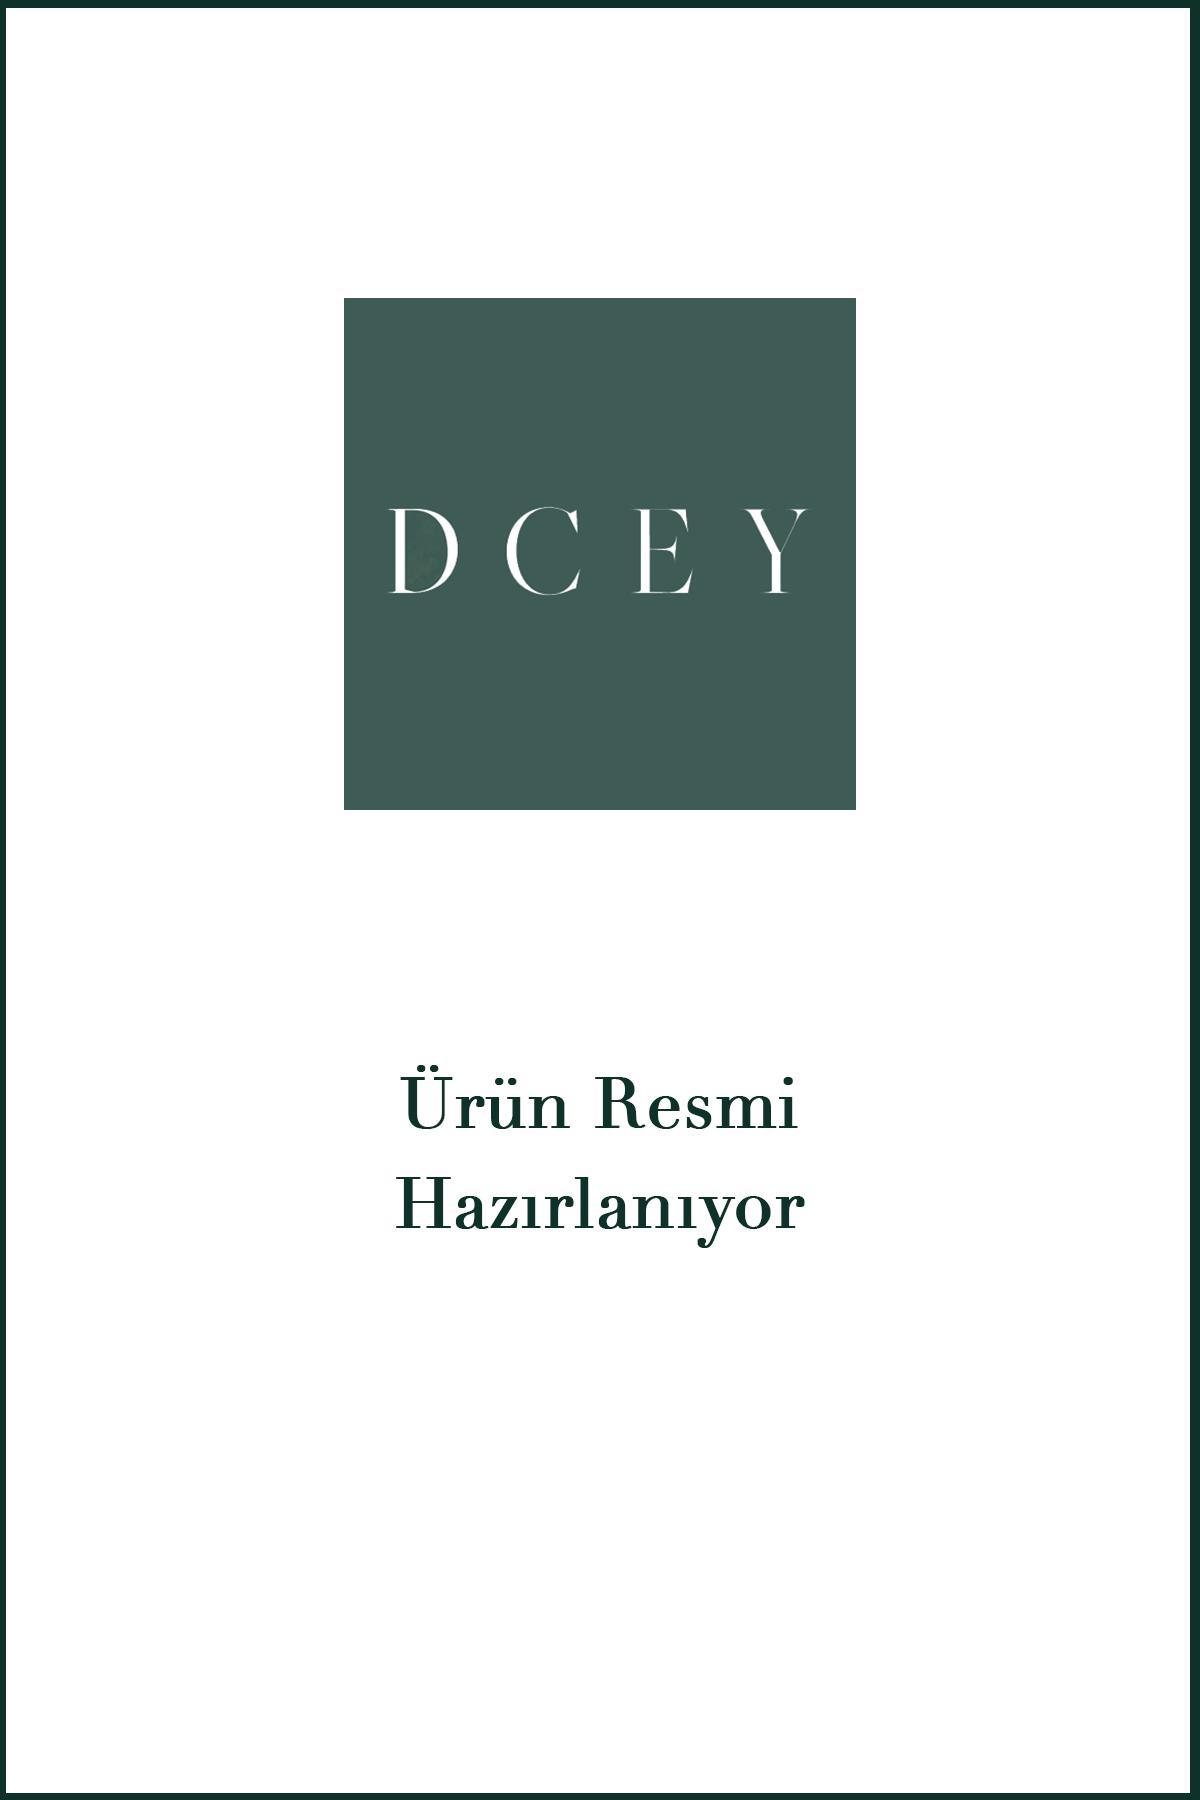 #dceygirls ev stili ile de her zaman şık ve iddialı! :sparkles: Havalı duruşuyla en sevilen tasarımlarımızdan biri olan Hanna elbisemizin kiralama detaylarını incelemek için gönderinin üzerine tıklayabilirsiniz! :point_up_2: